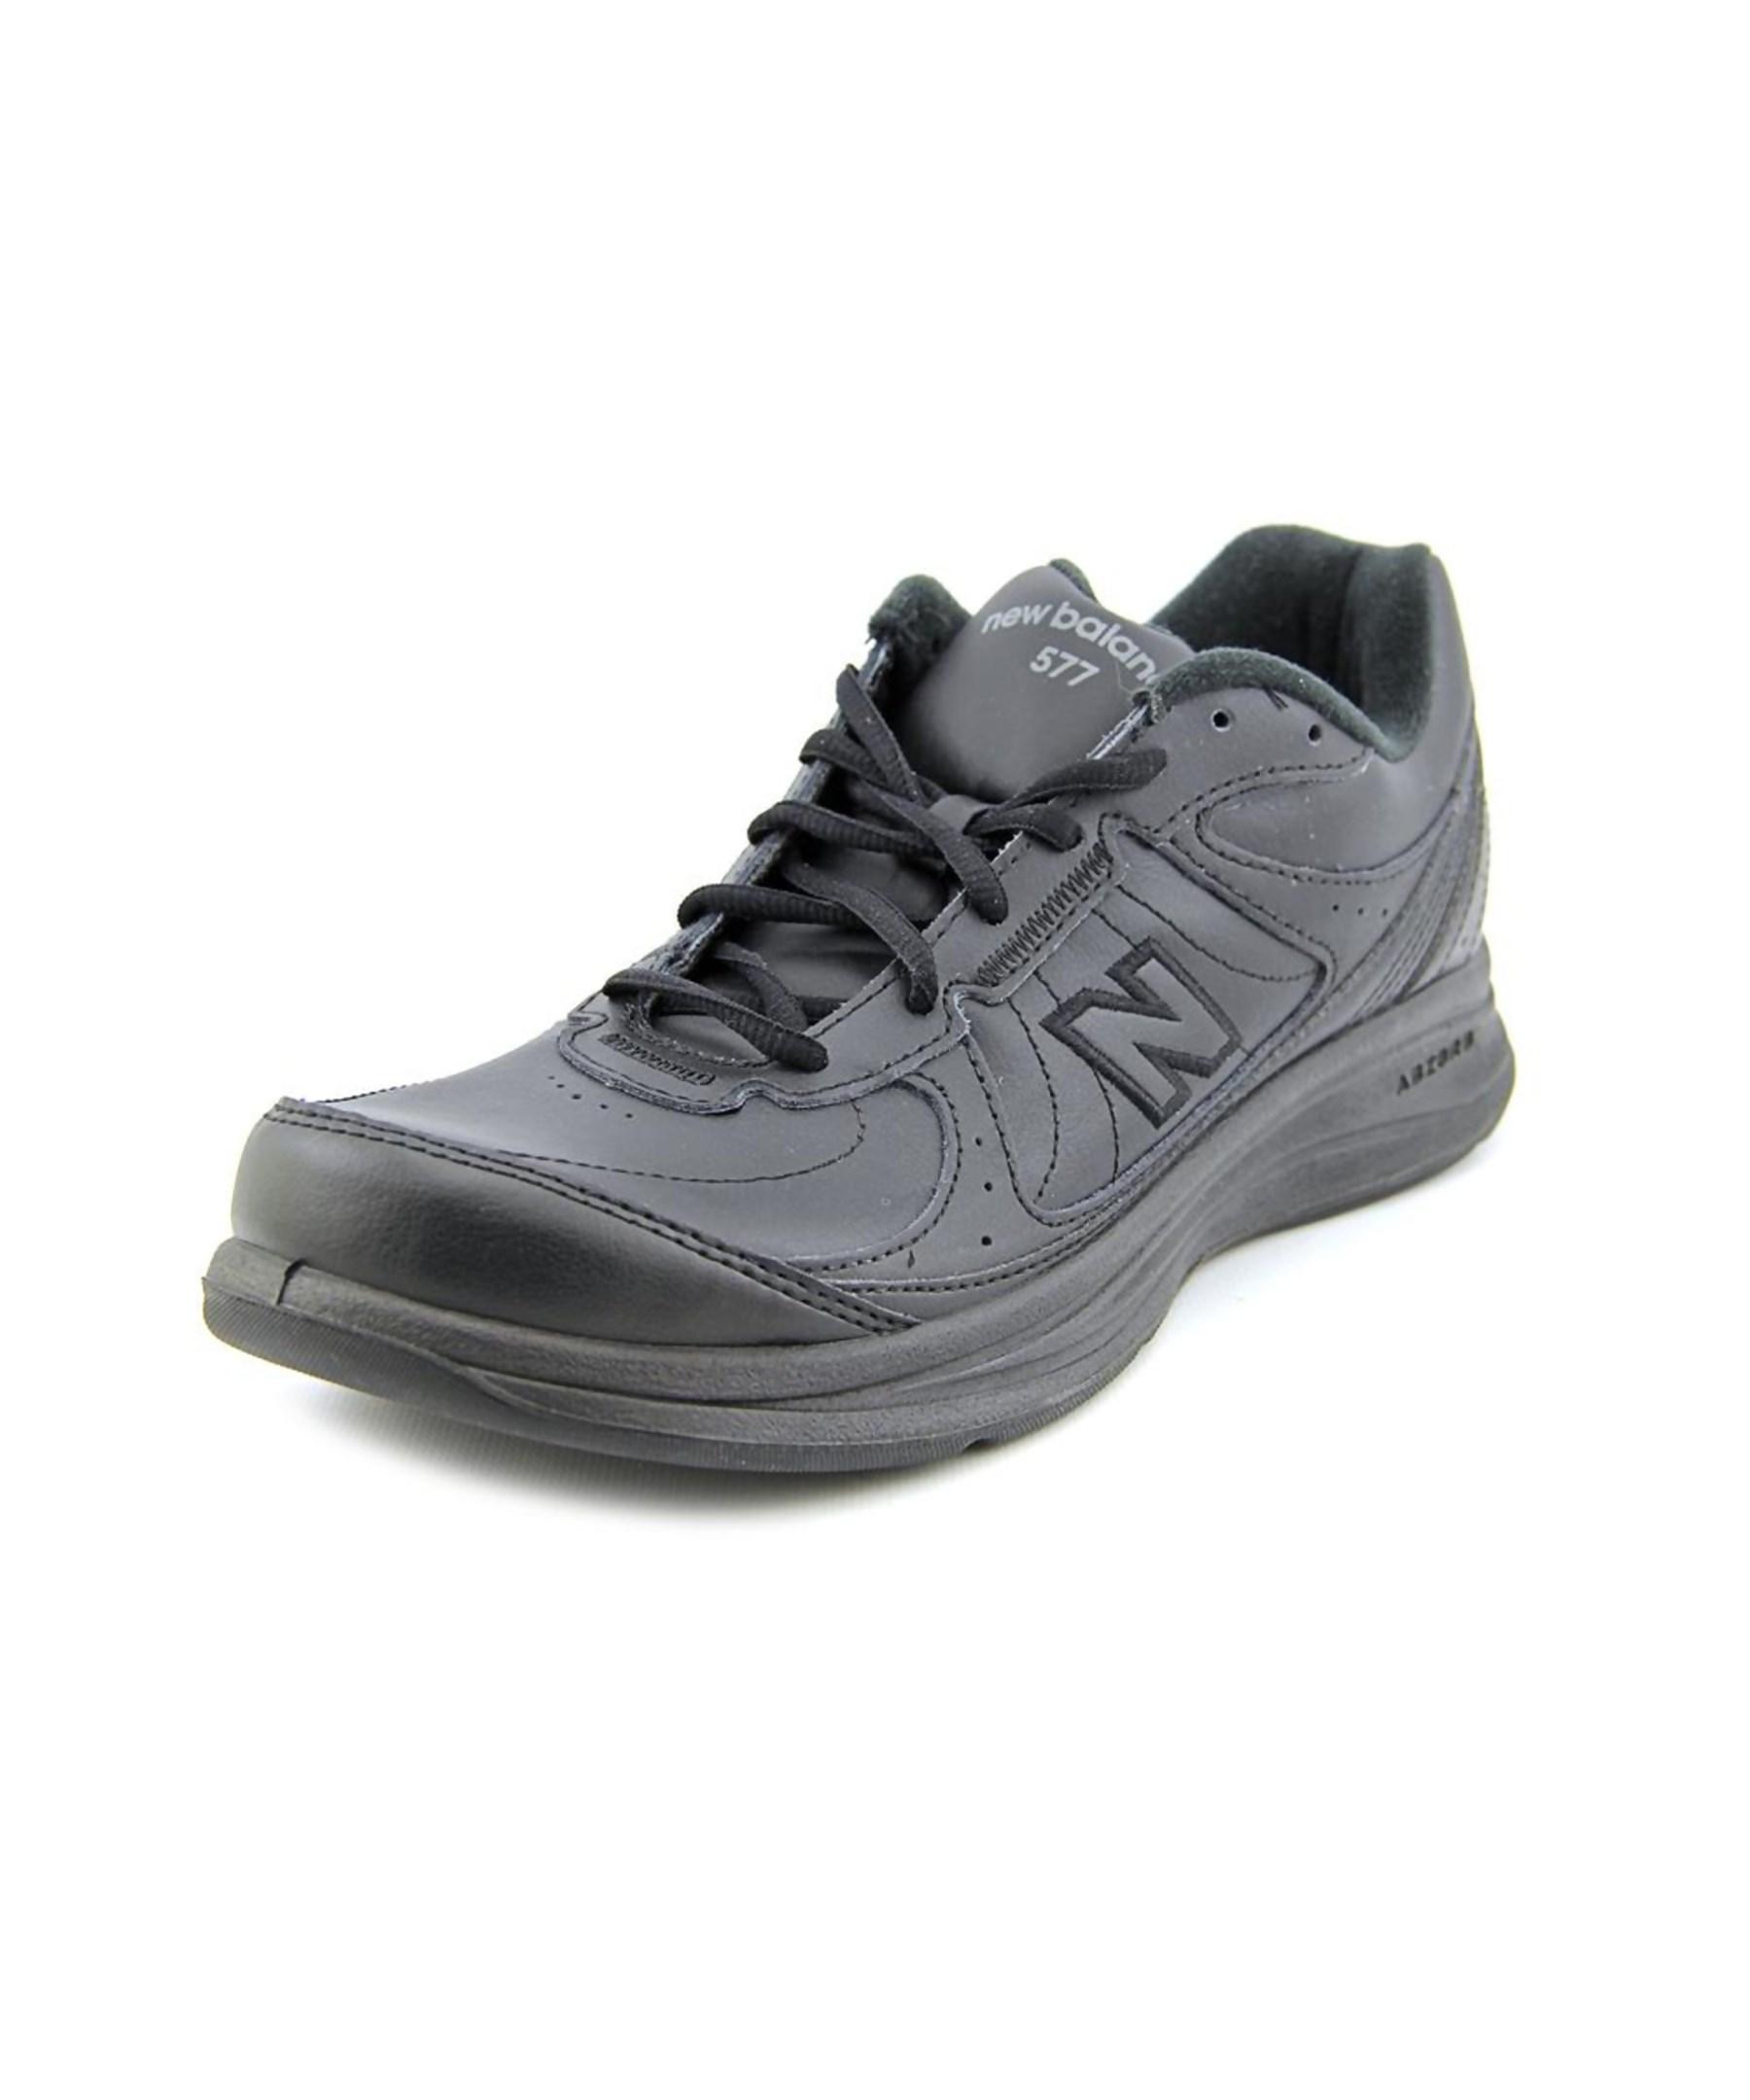 New Balance Mw Men Round Toe Leather Black Walking Shoe